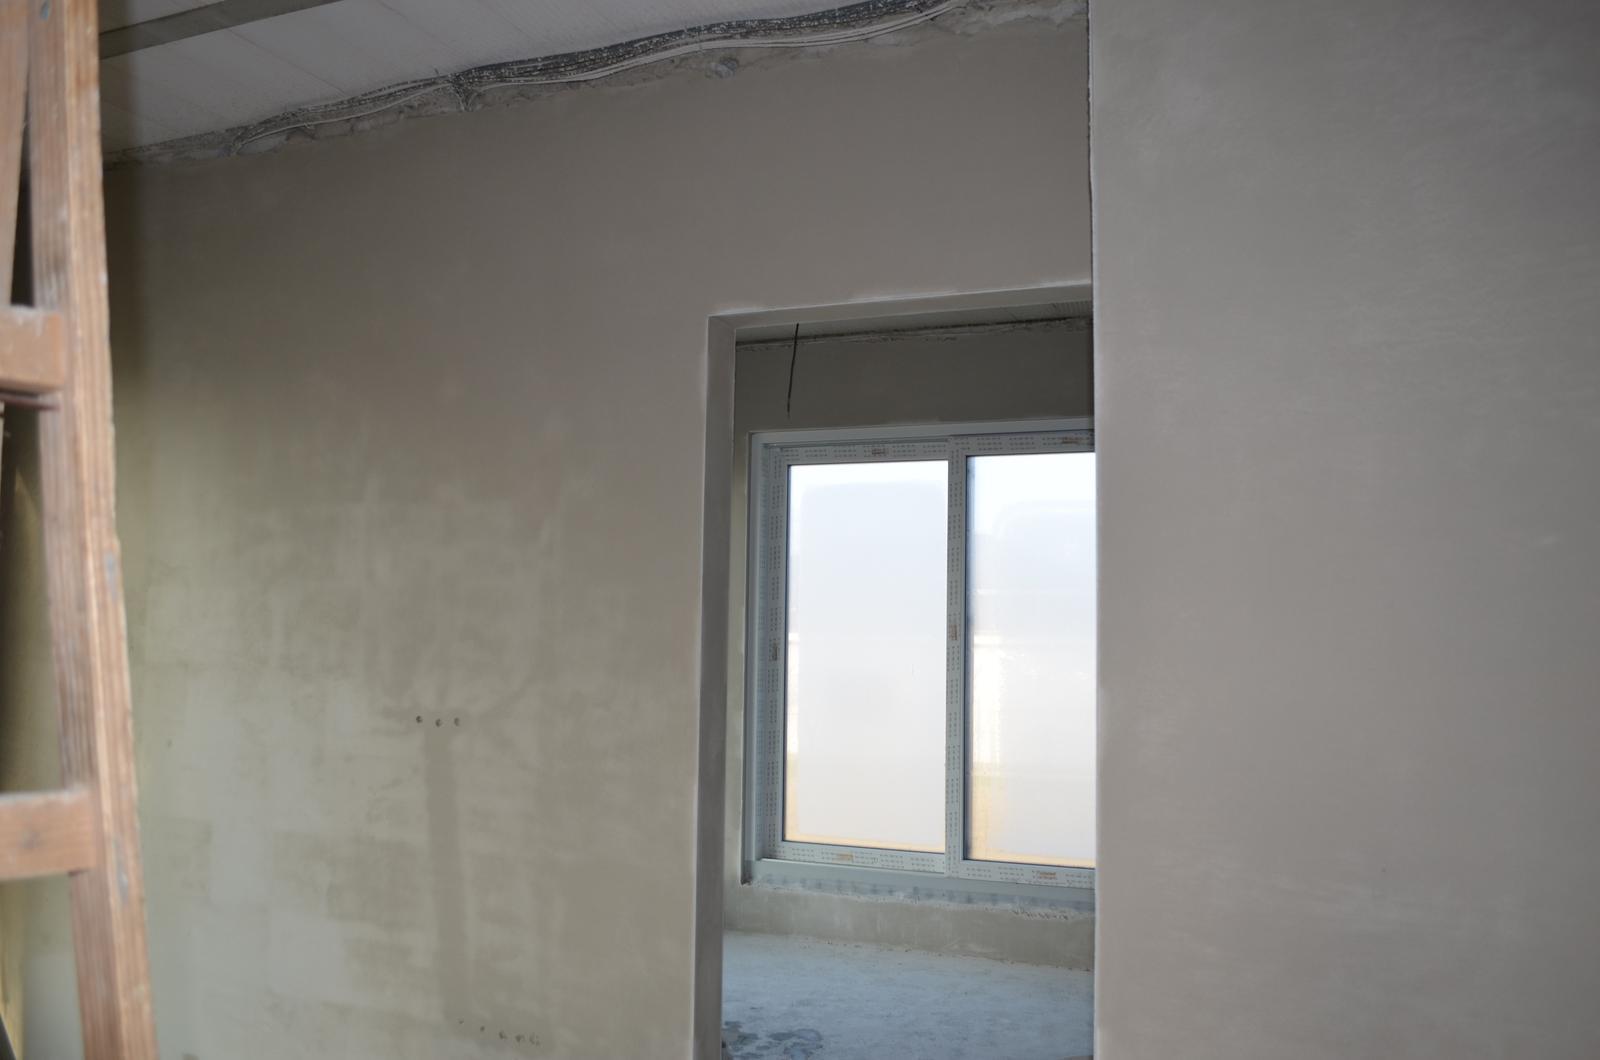 Poskytujeme ZLAVY na sádrové omietky v zime 9,40 Eur/m2. Cena je na komplet práca aj materiál spolu /lišty, apulišty, penetrácia stien, práca, materiál, sieťkovanie 2 druhov materiálu, upratanie stavby/ Mikuláš 0905/225583 - Obrázok č. 1